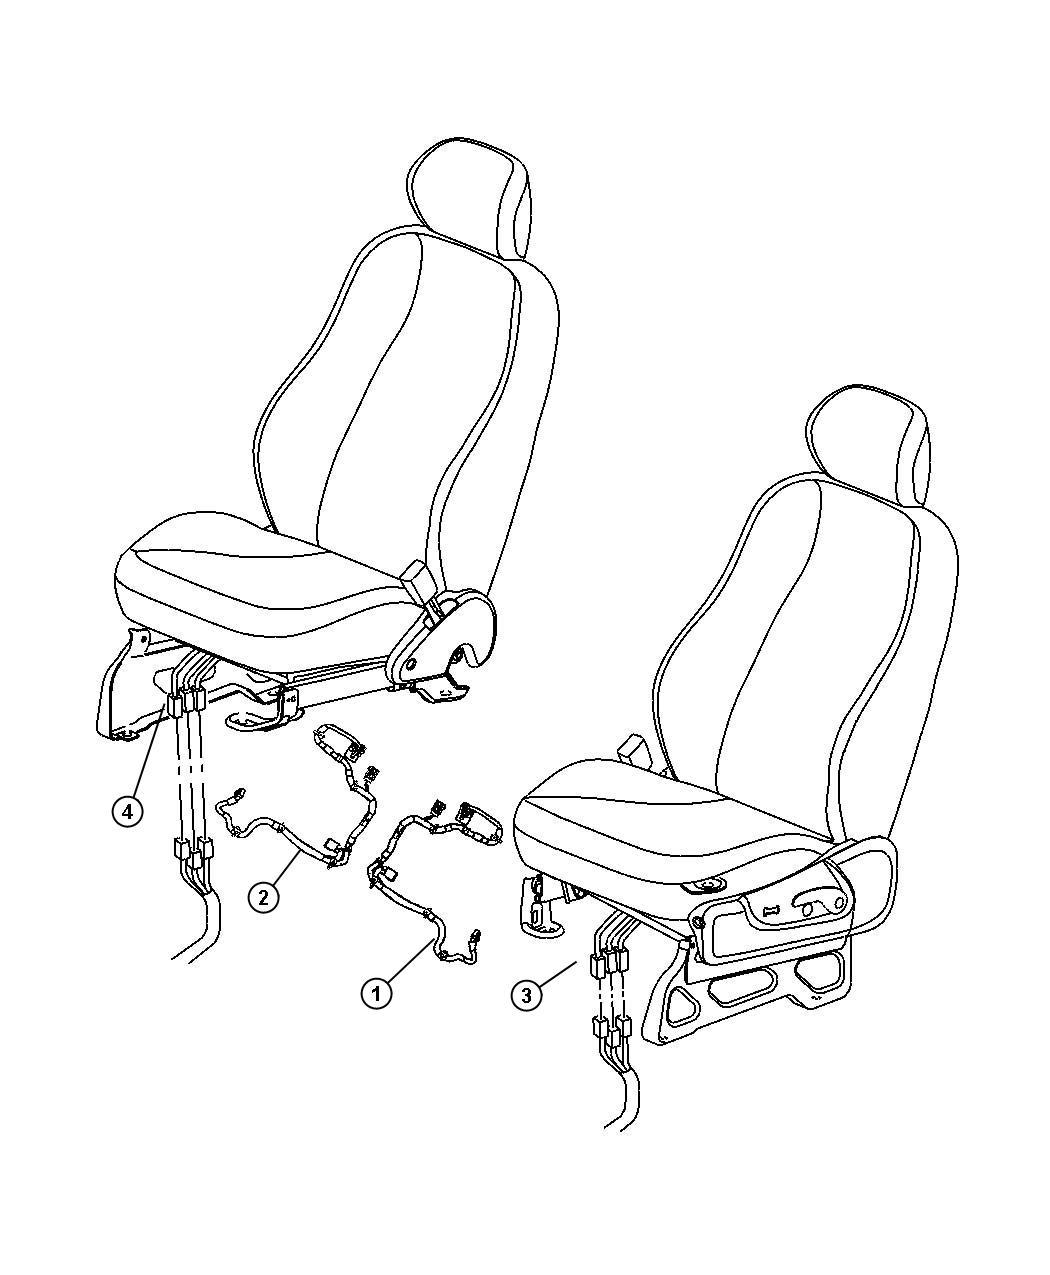 Dodge Nitro Wiring Seat Tag Aa Tagged